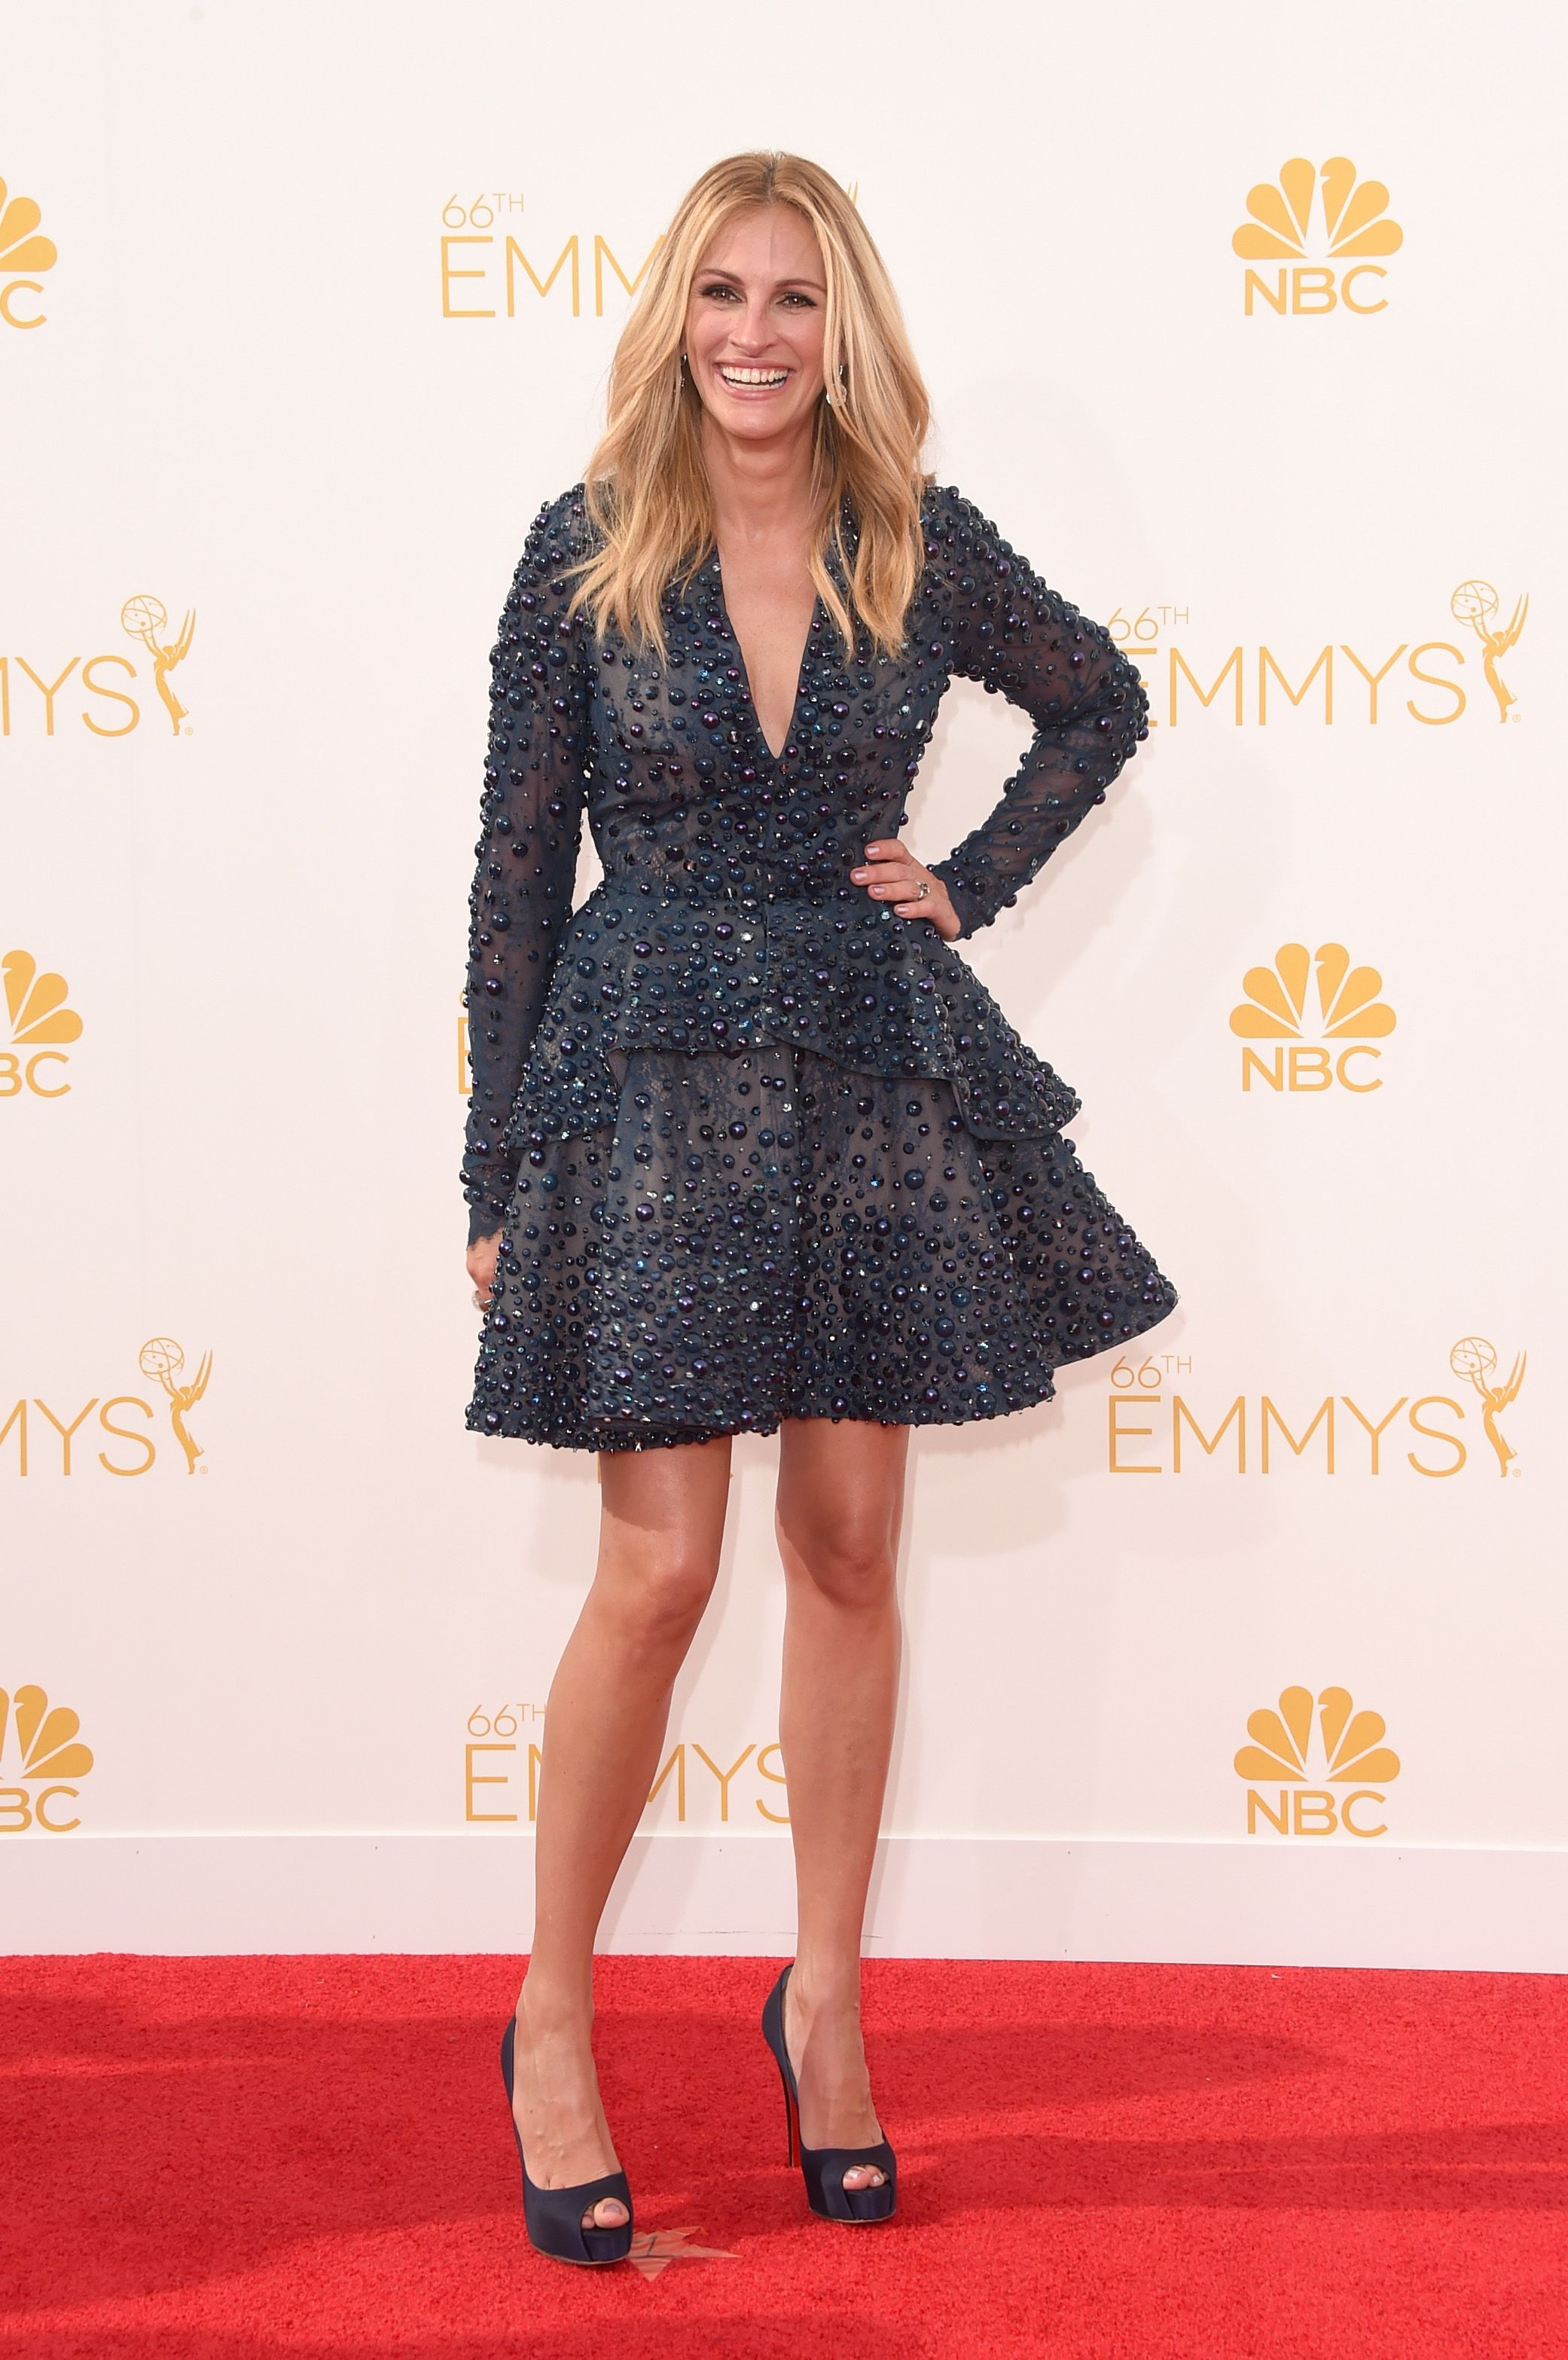 Julia Roberts kills it at the Emmy Awards in mini dress